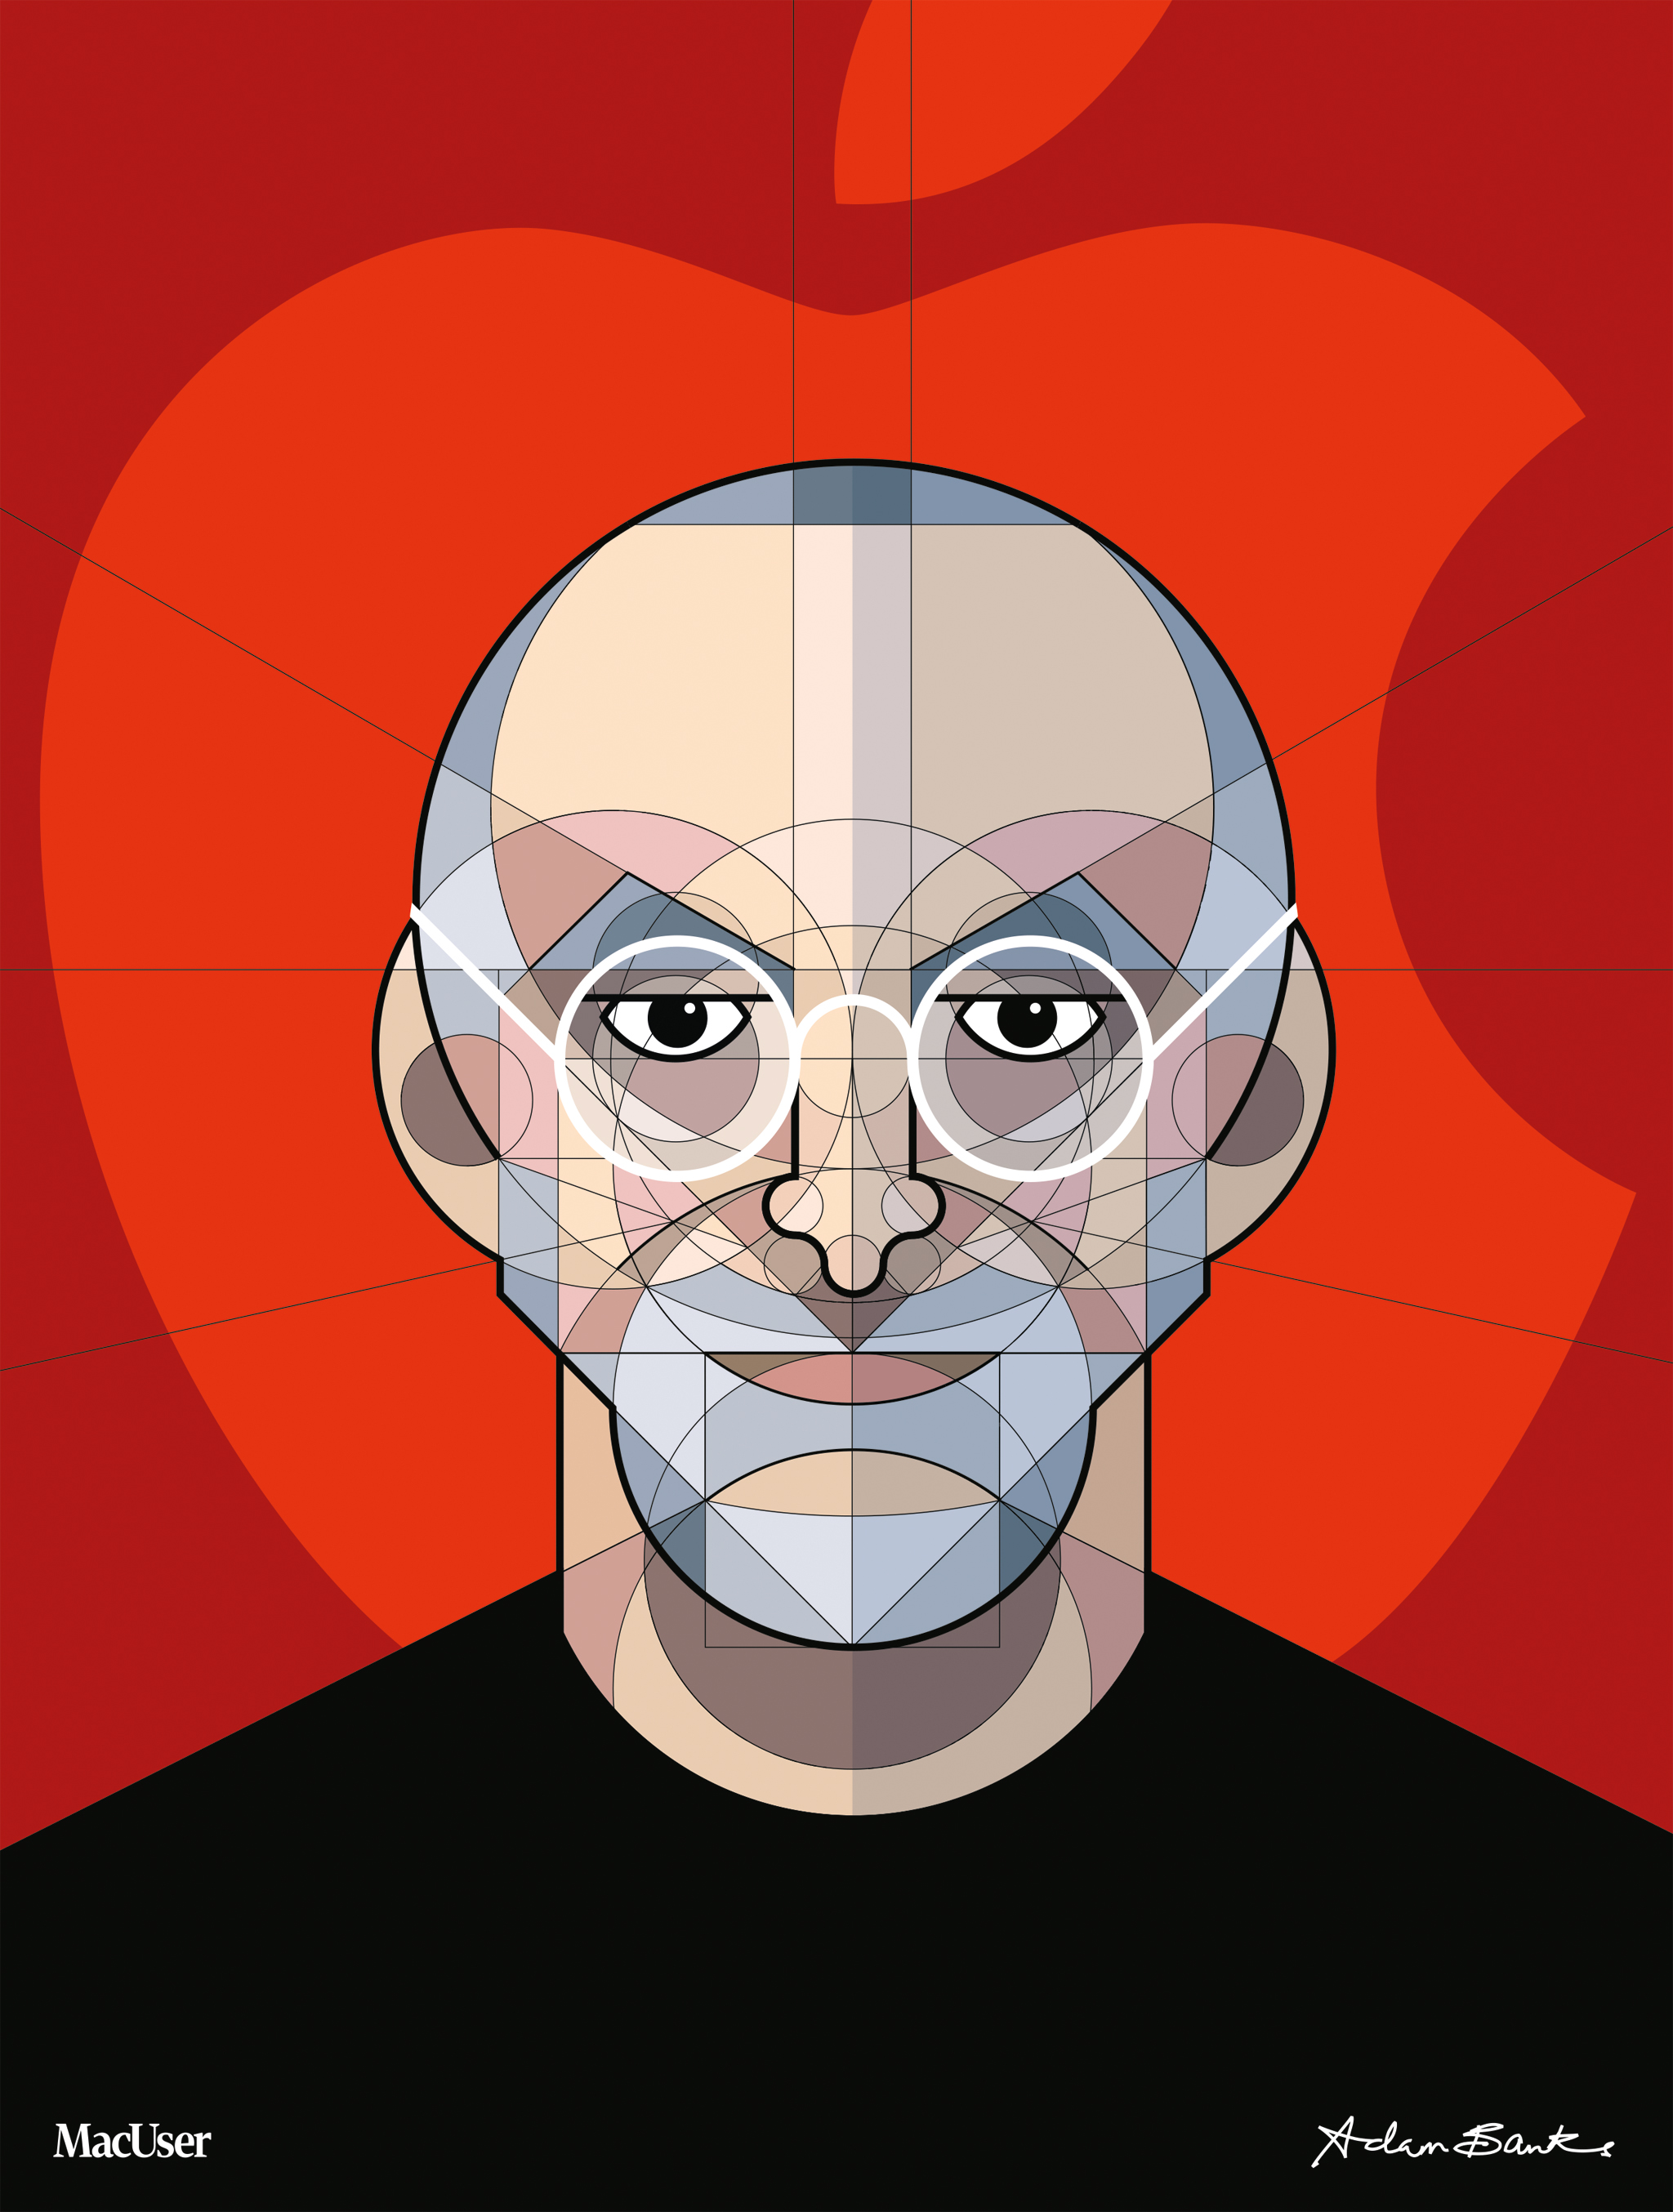 Portrait of Steve Jobs for MacUser cover, 2011